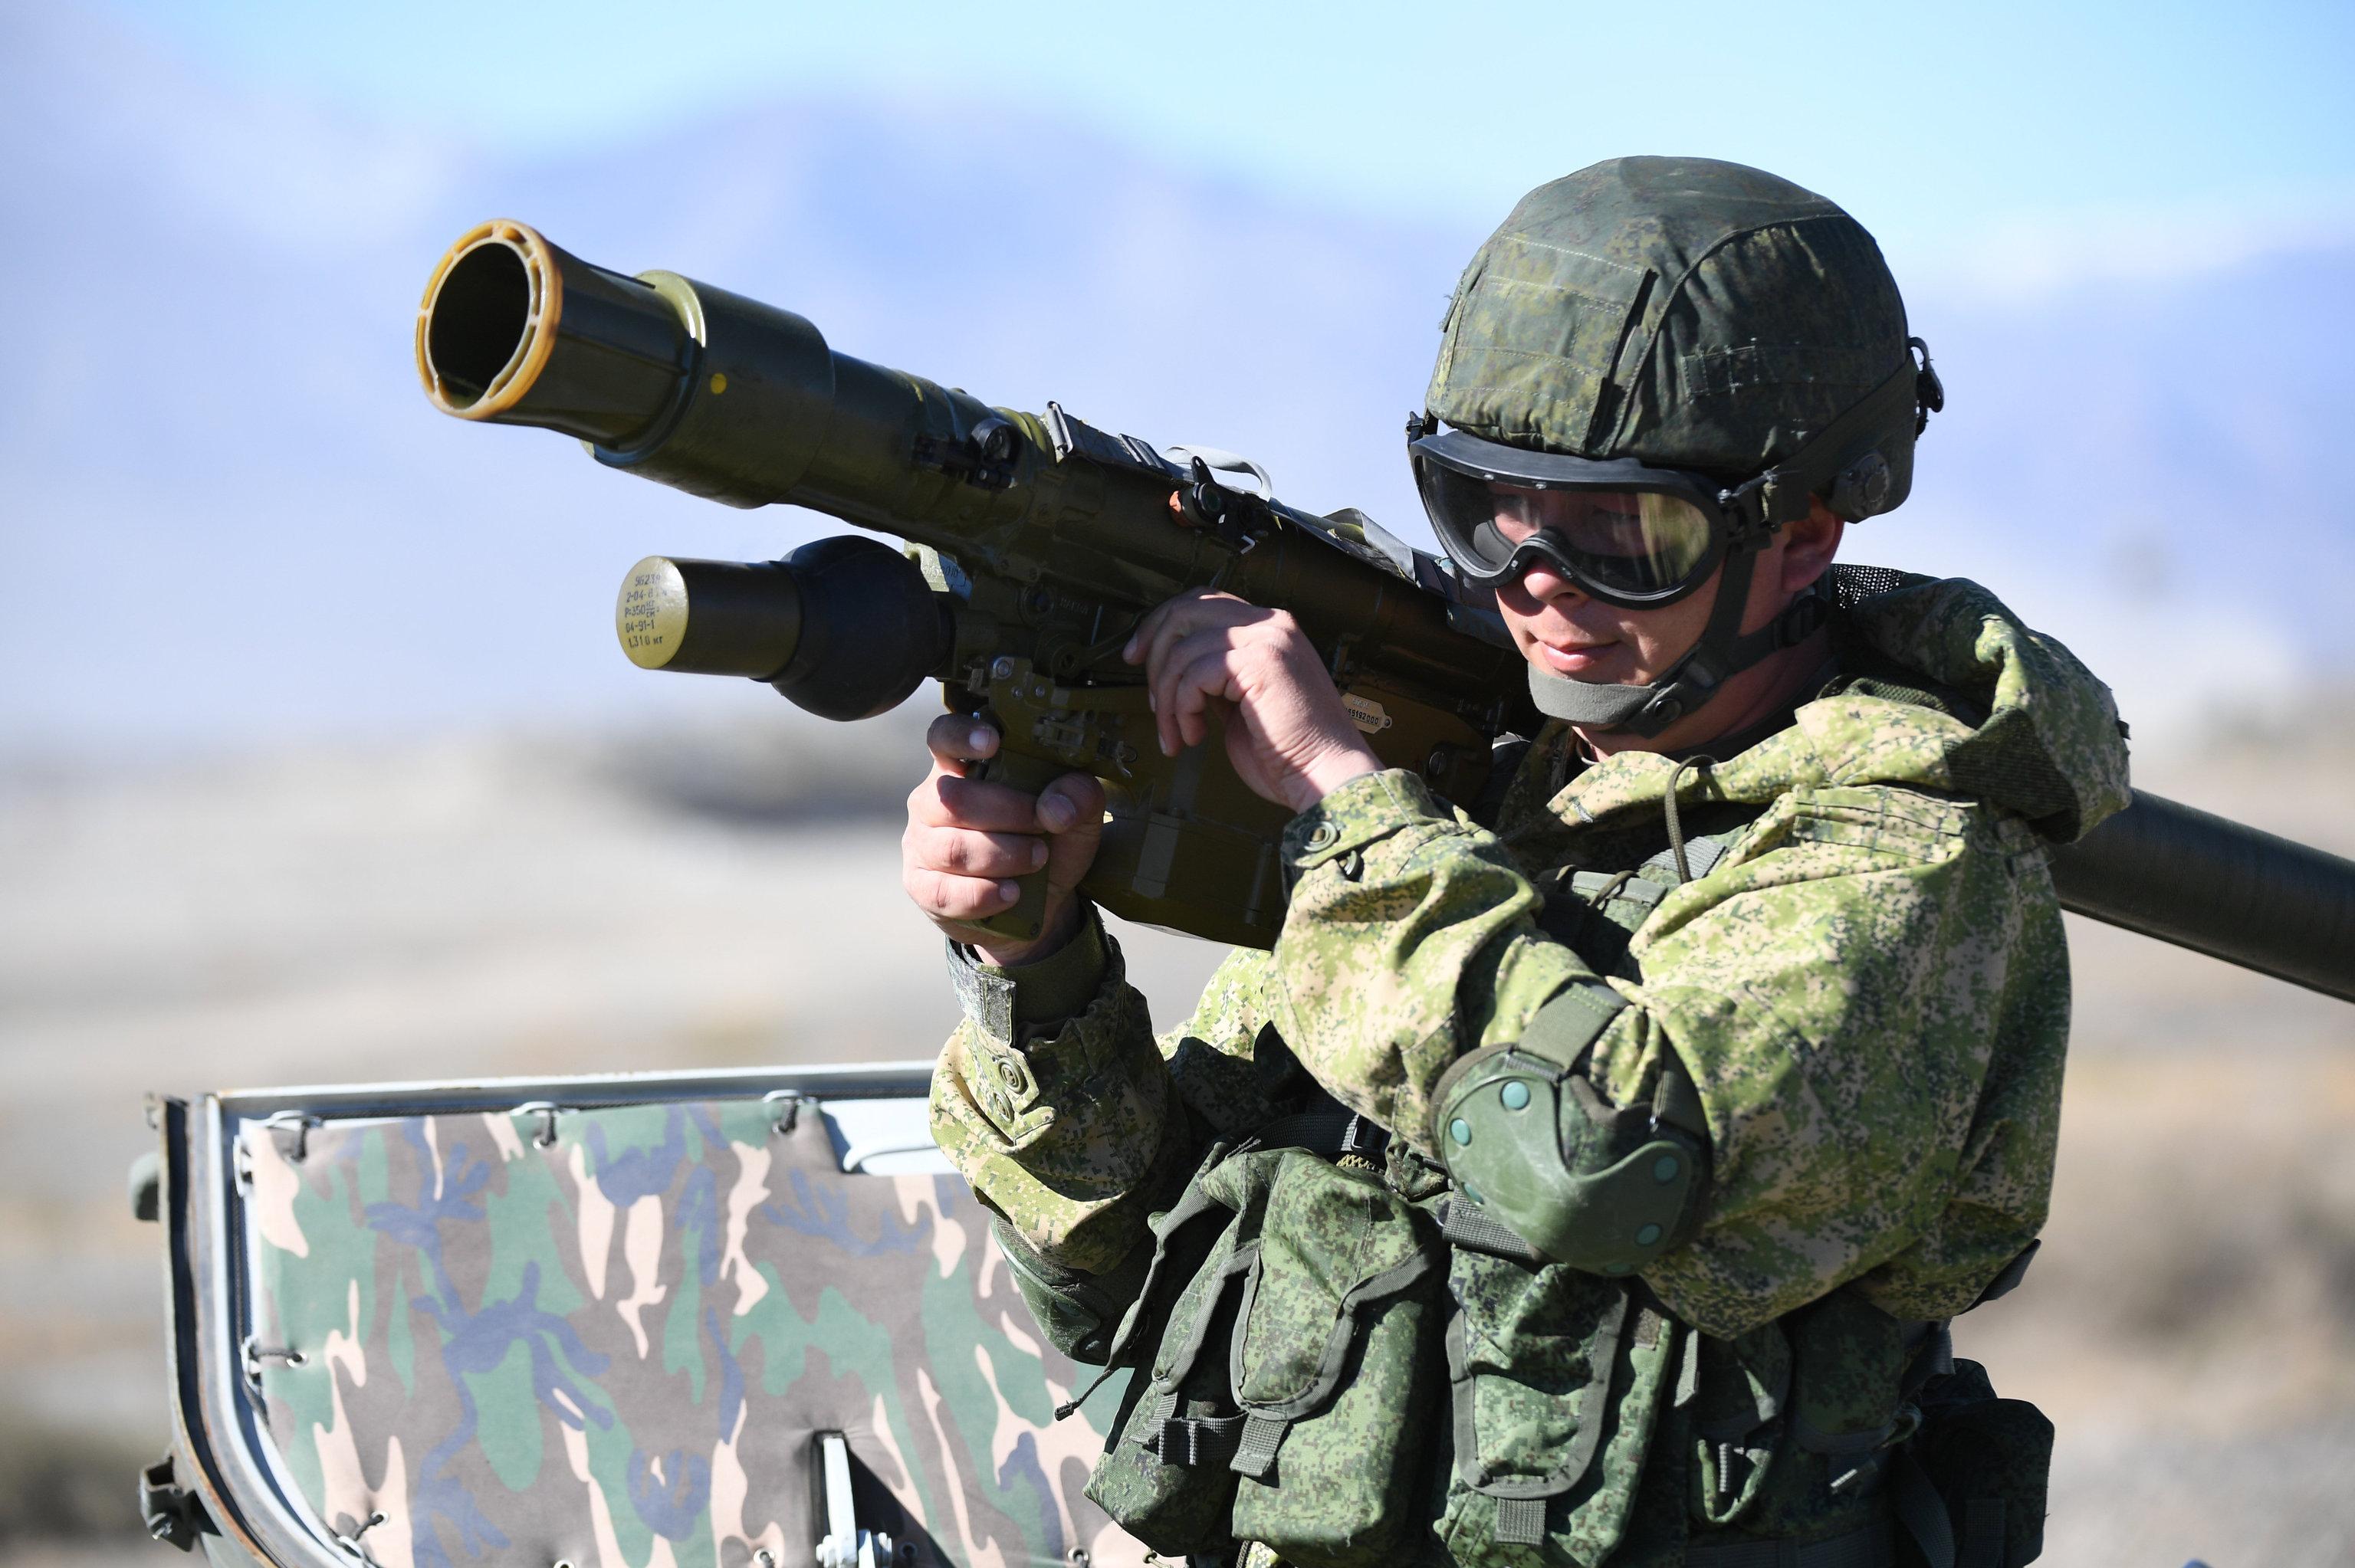 El sistema de defensa aérea portátil —Manpads— Igla